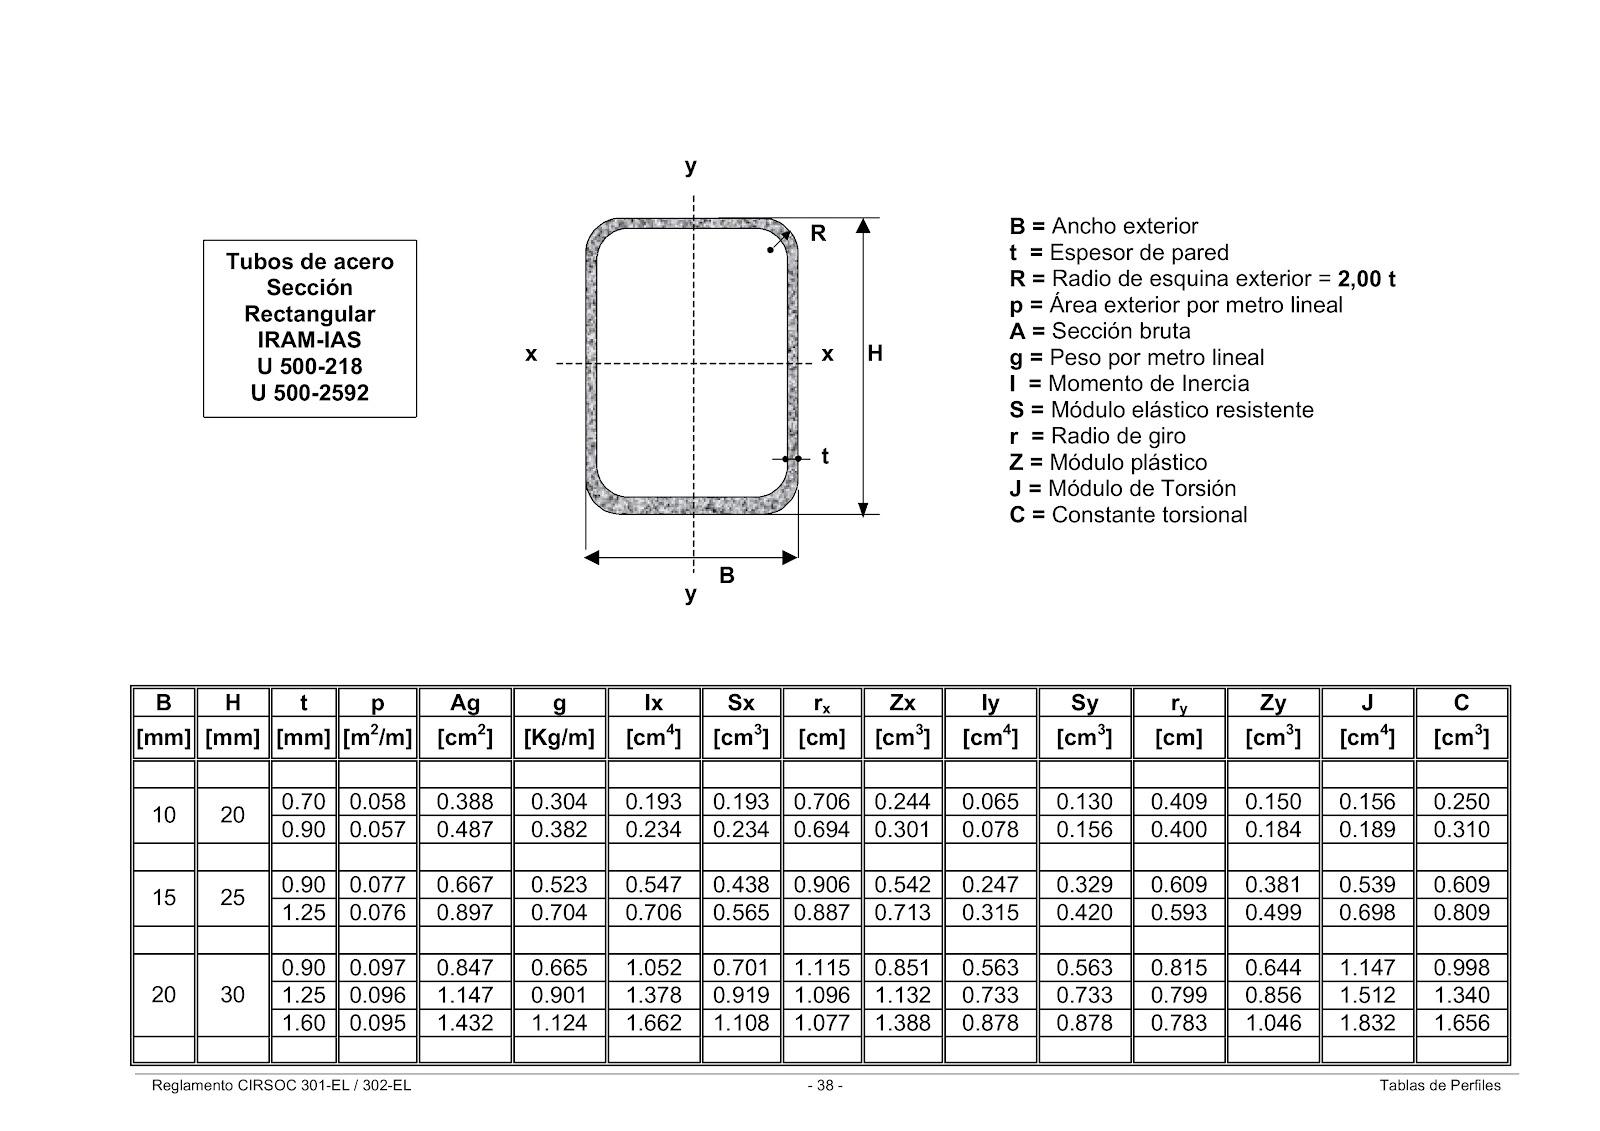 Estructuras uno noche tablas de perfiles laminados y for Tubos de hierro rectangulares